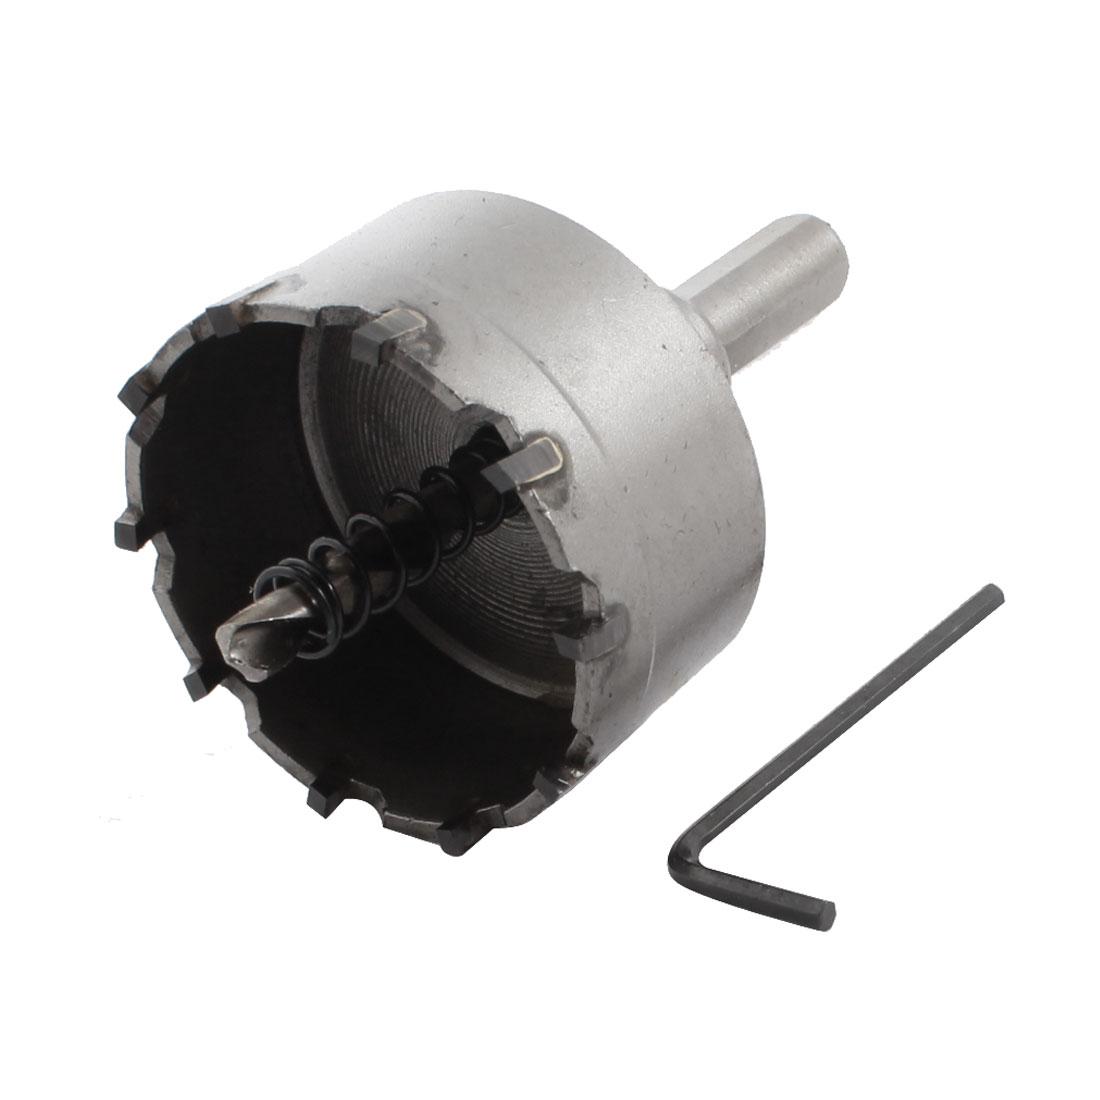 Metal 53mm Diameter Alloy Cutting Twist Drill Bit Hole Saw 89mm Length